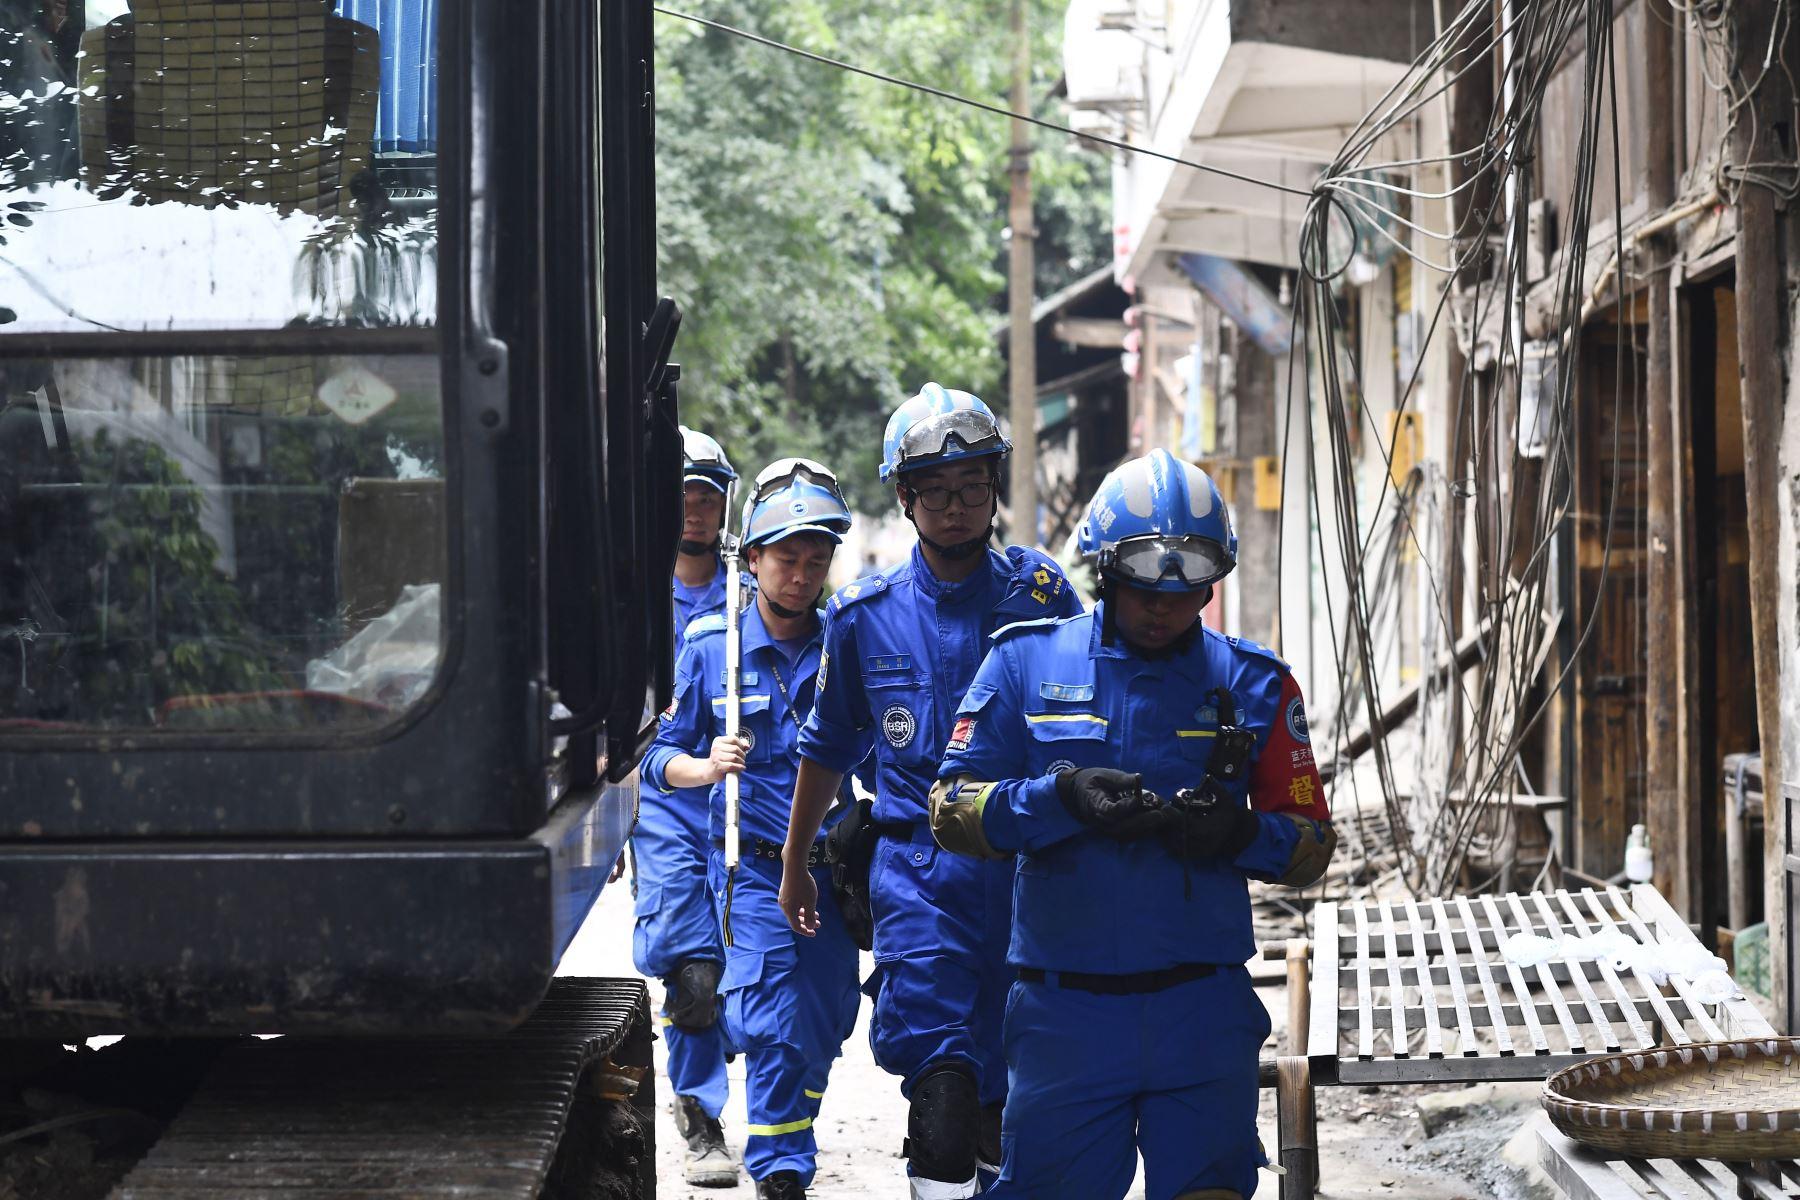 Rescatistas se preparan para buscar sobrevivientes del terremoto en Yibin, en la provincia de Sichuan, suroeste de China. Foto: AFP